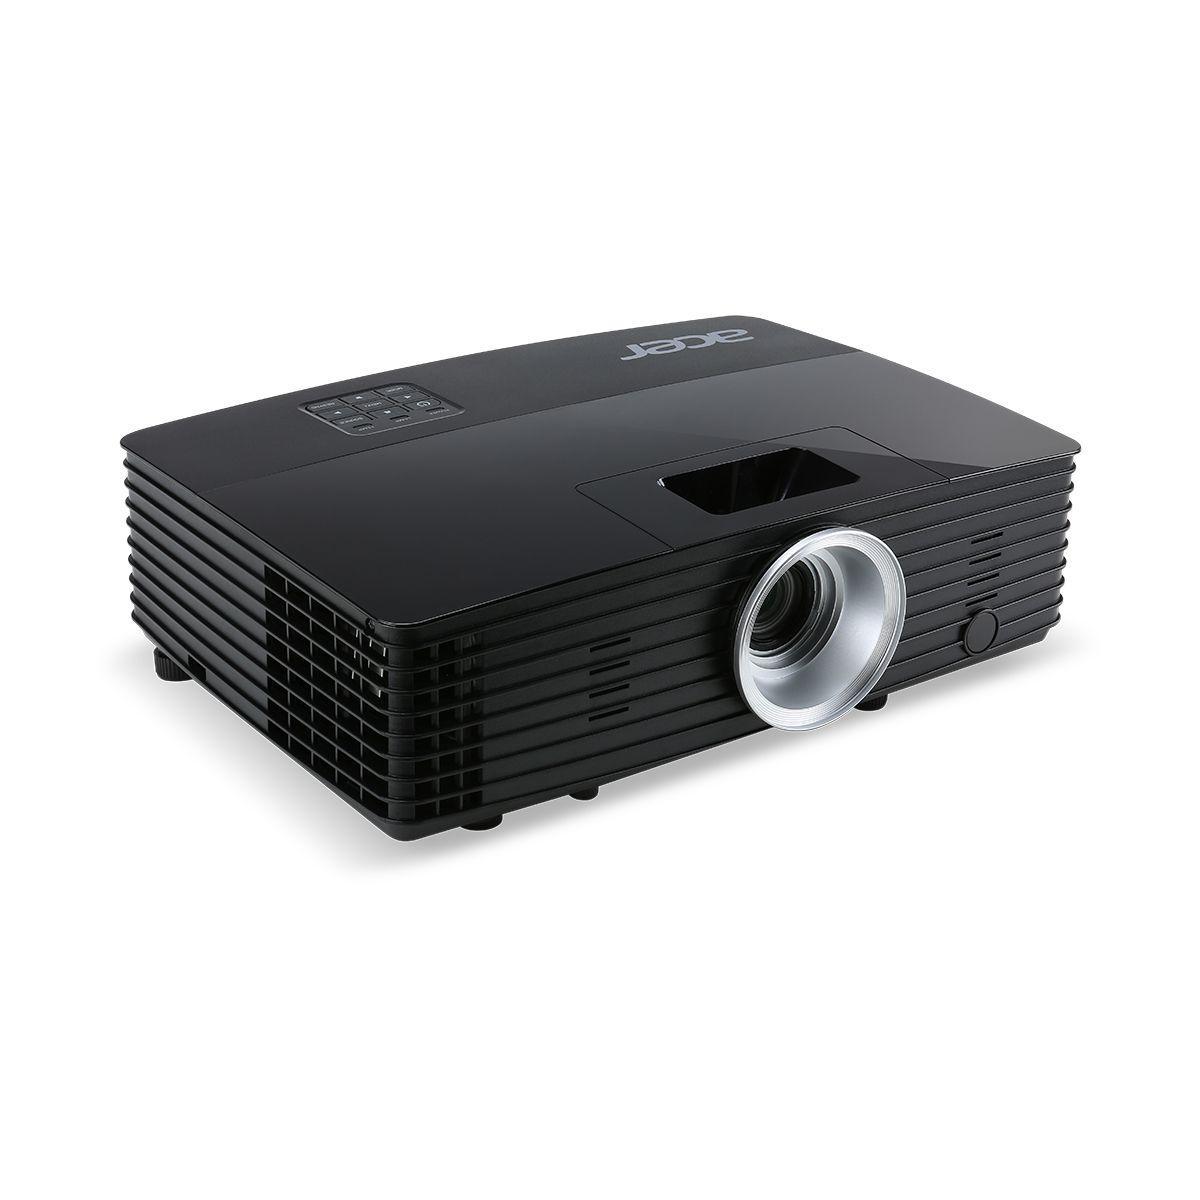 Projecteur acer p1285 tco (photo)